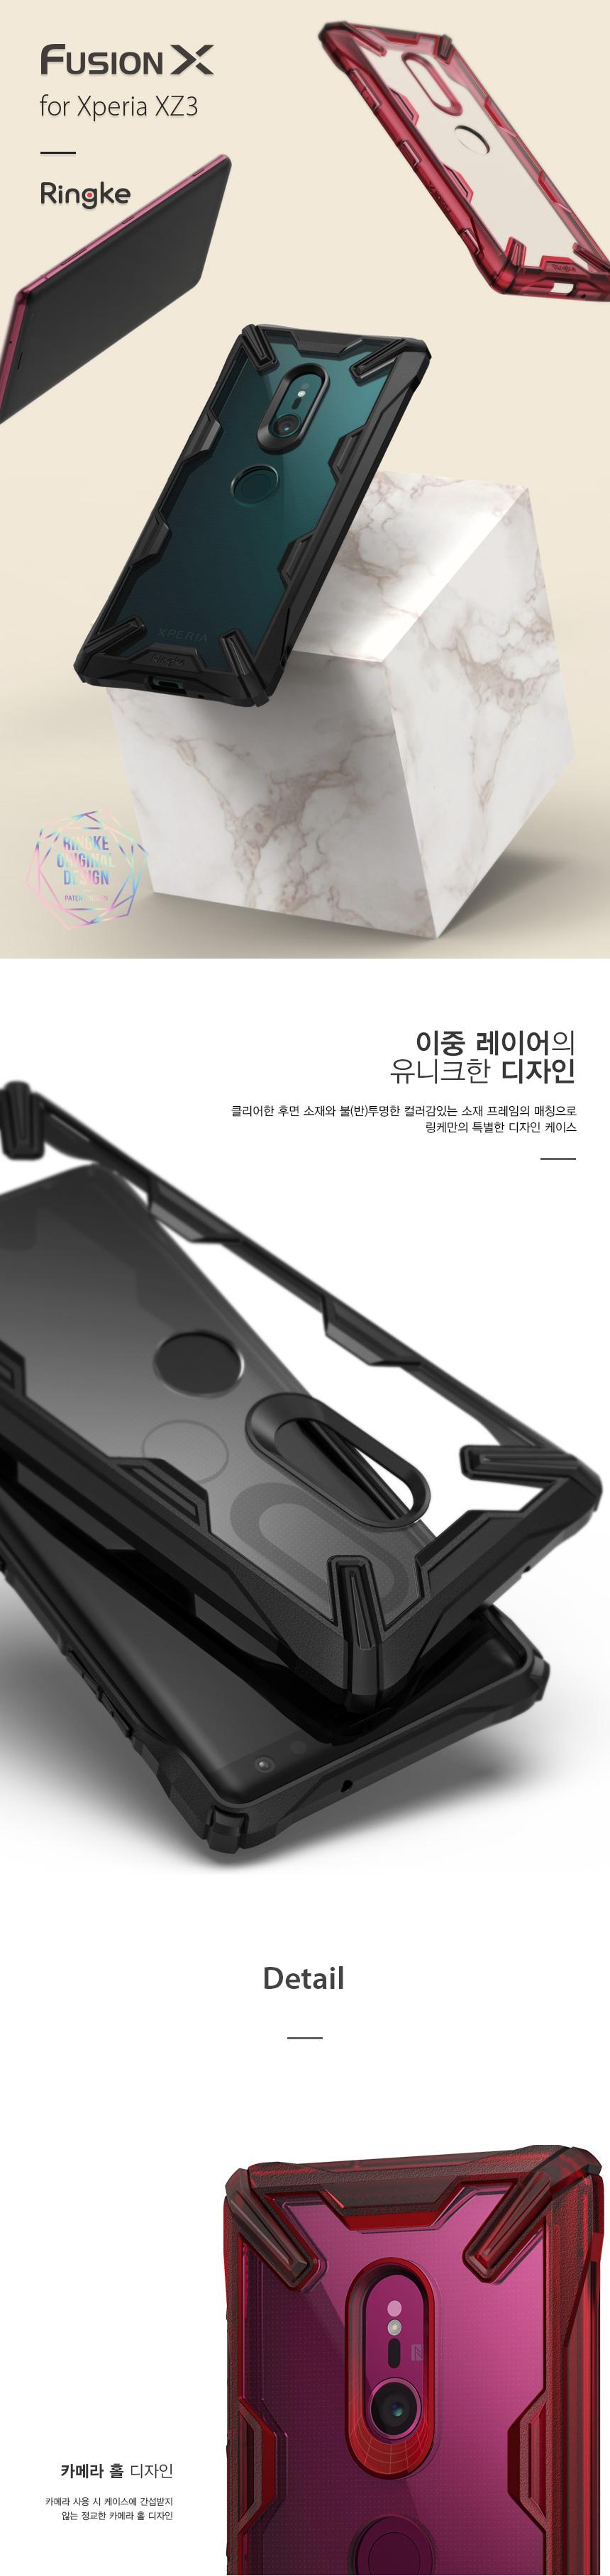 링케 소니 엑스페리아 XZ3 케이스 링케퓨전X - 리어스, 17,800원, 케이스, 기타 스마트폰